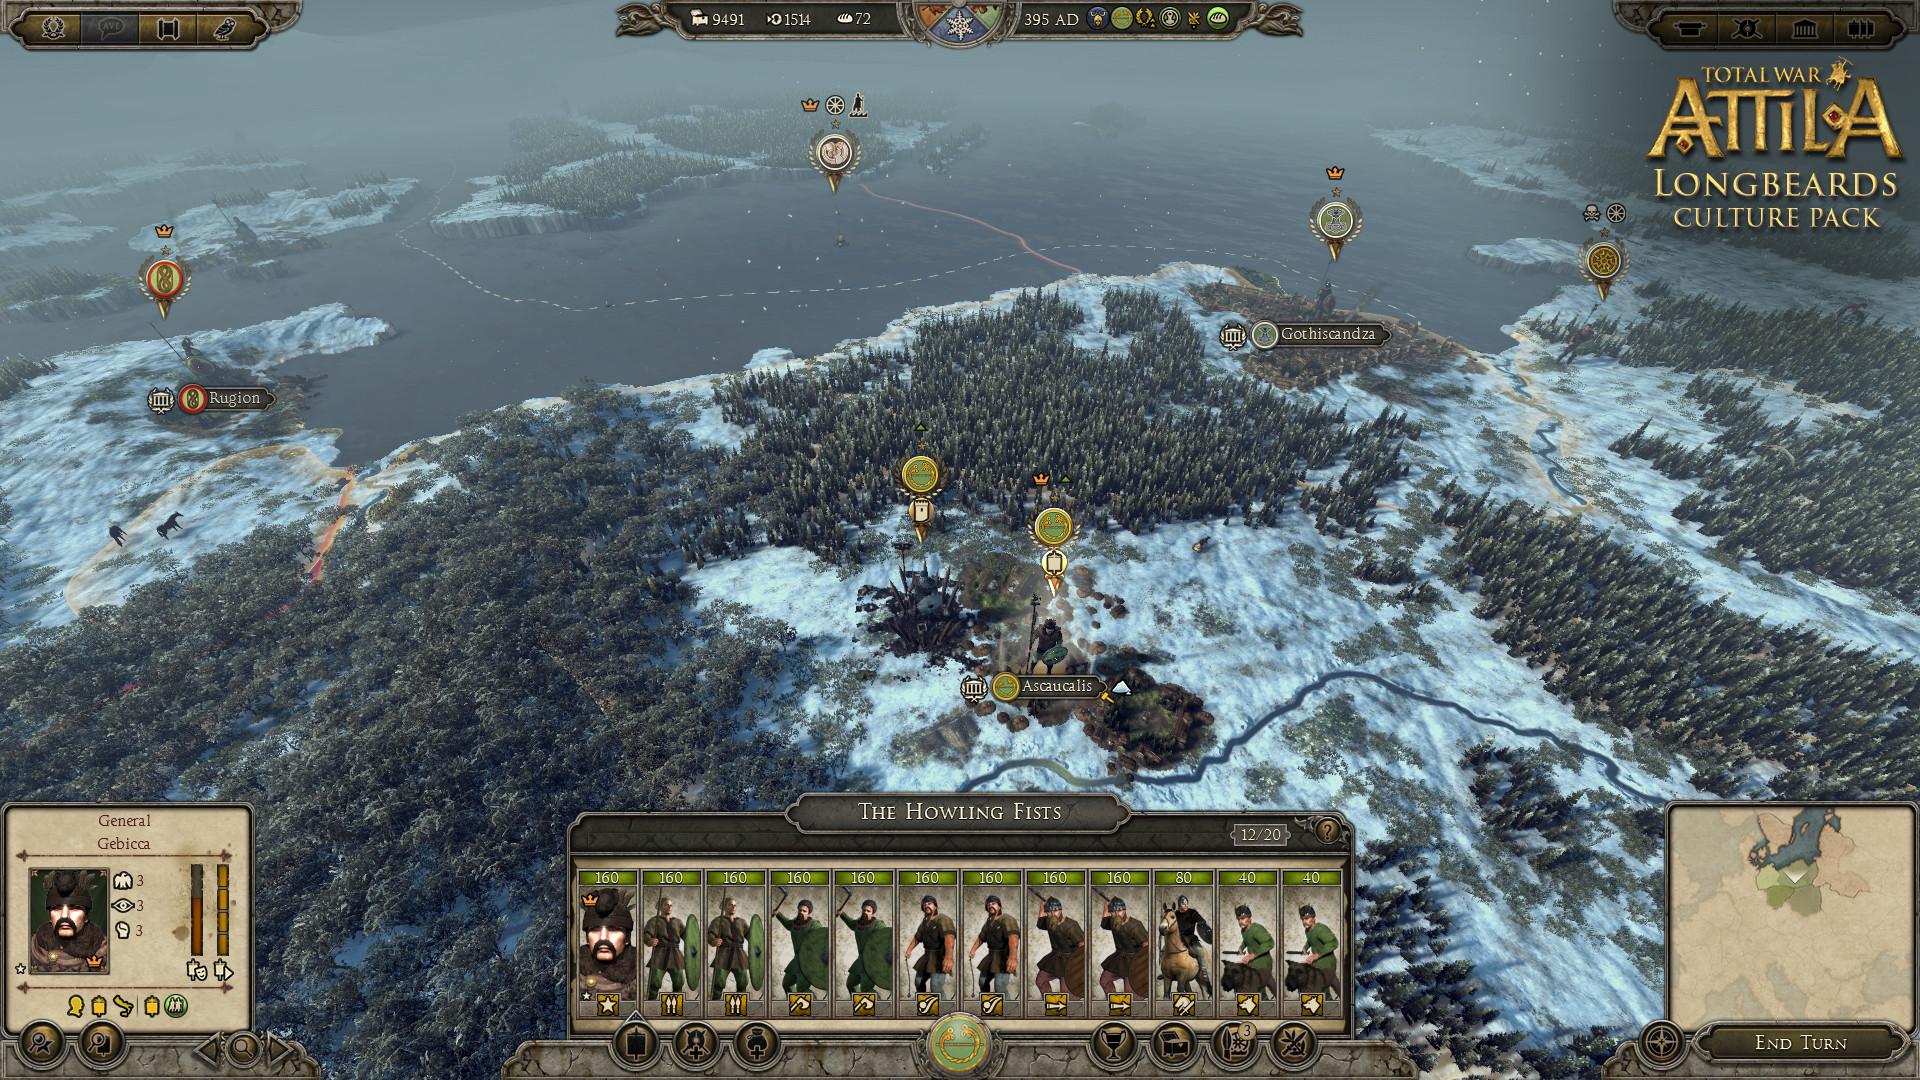 Total War: ATTILA - Longbeards Culture Pack PC Fiyatları